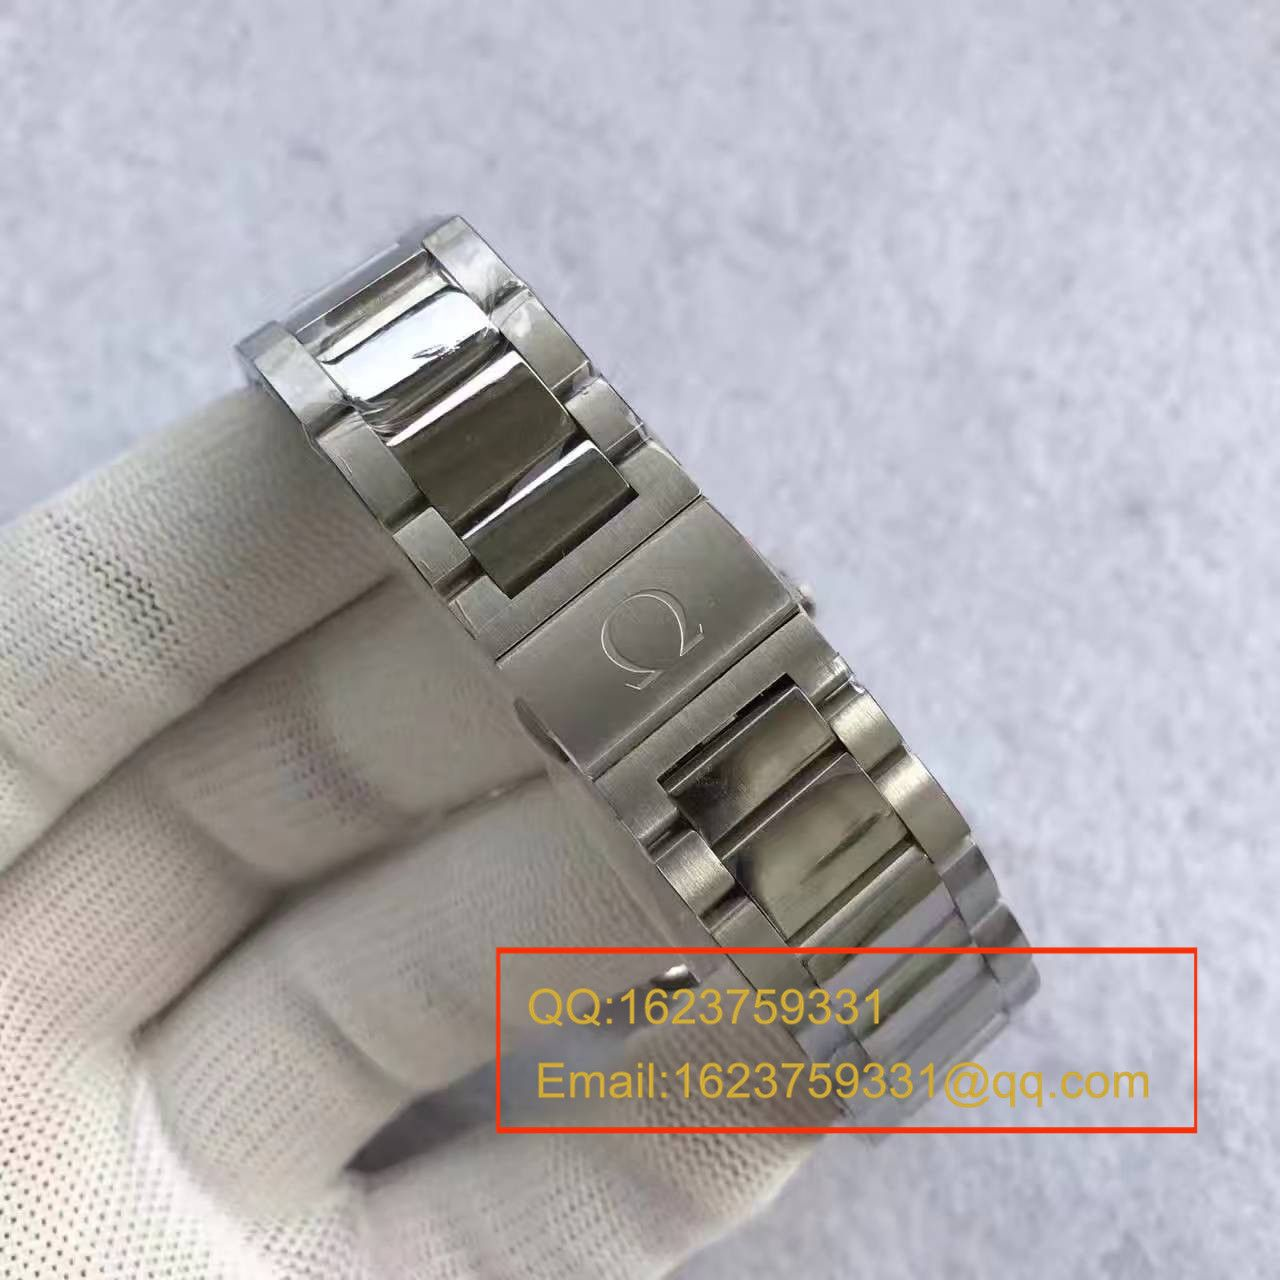 【KW厂超A高仿手表】欧米茄海马系列231.13.42.21.02.002机械腕表 / M131